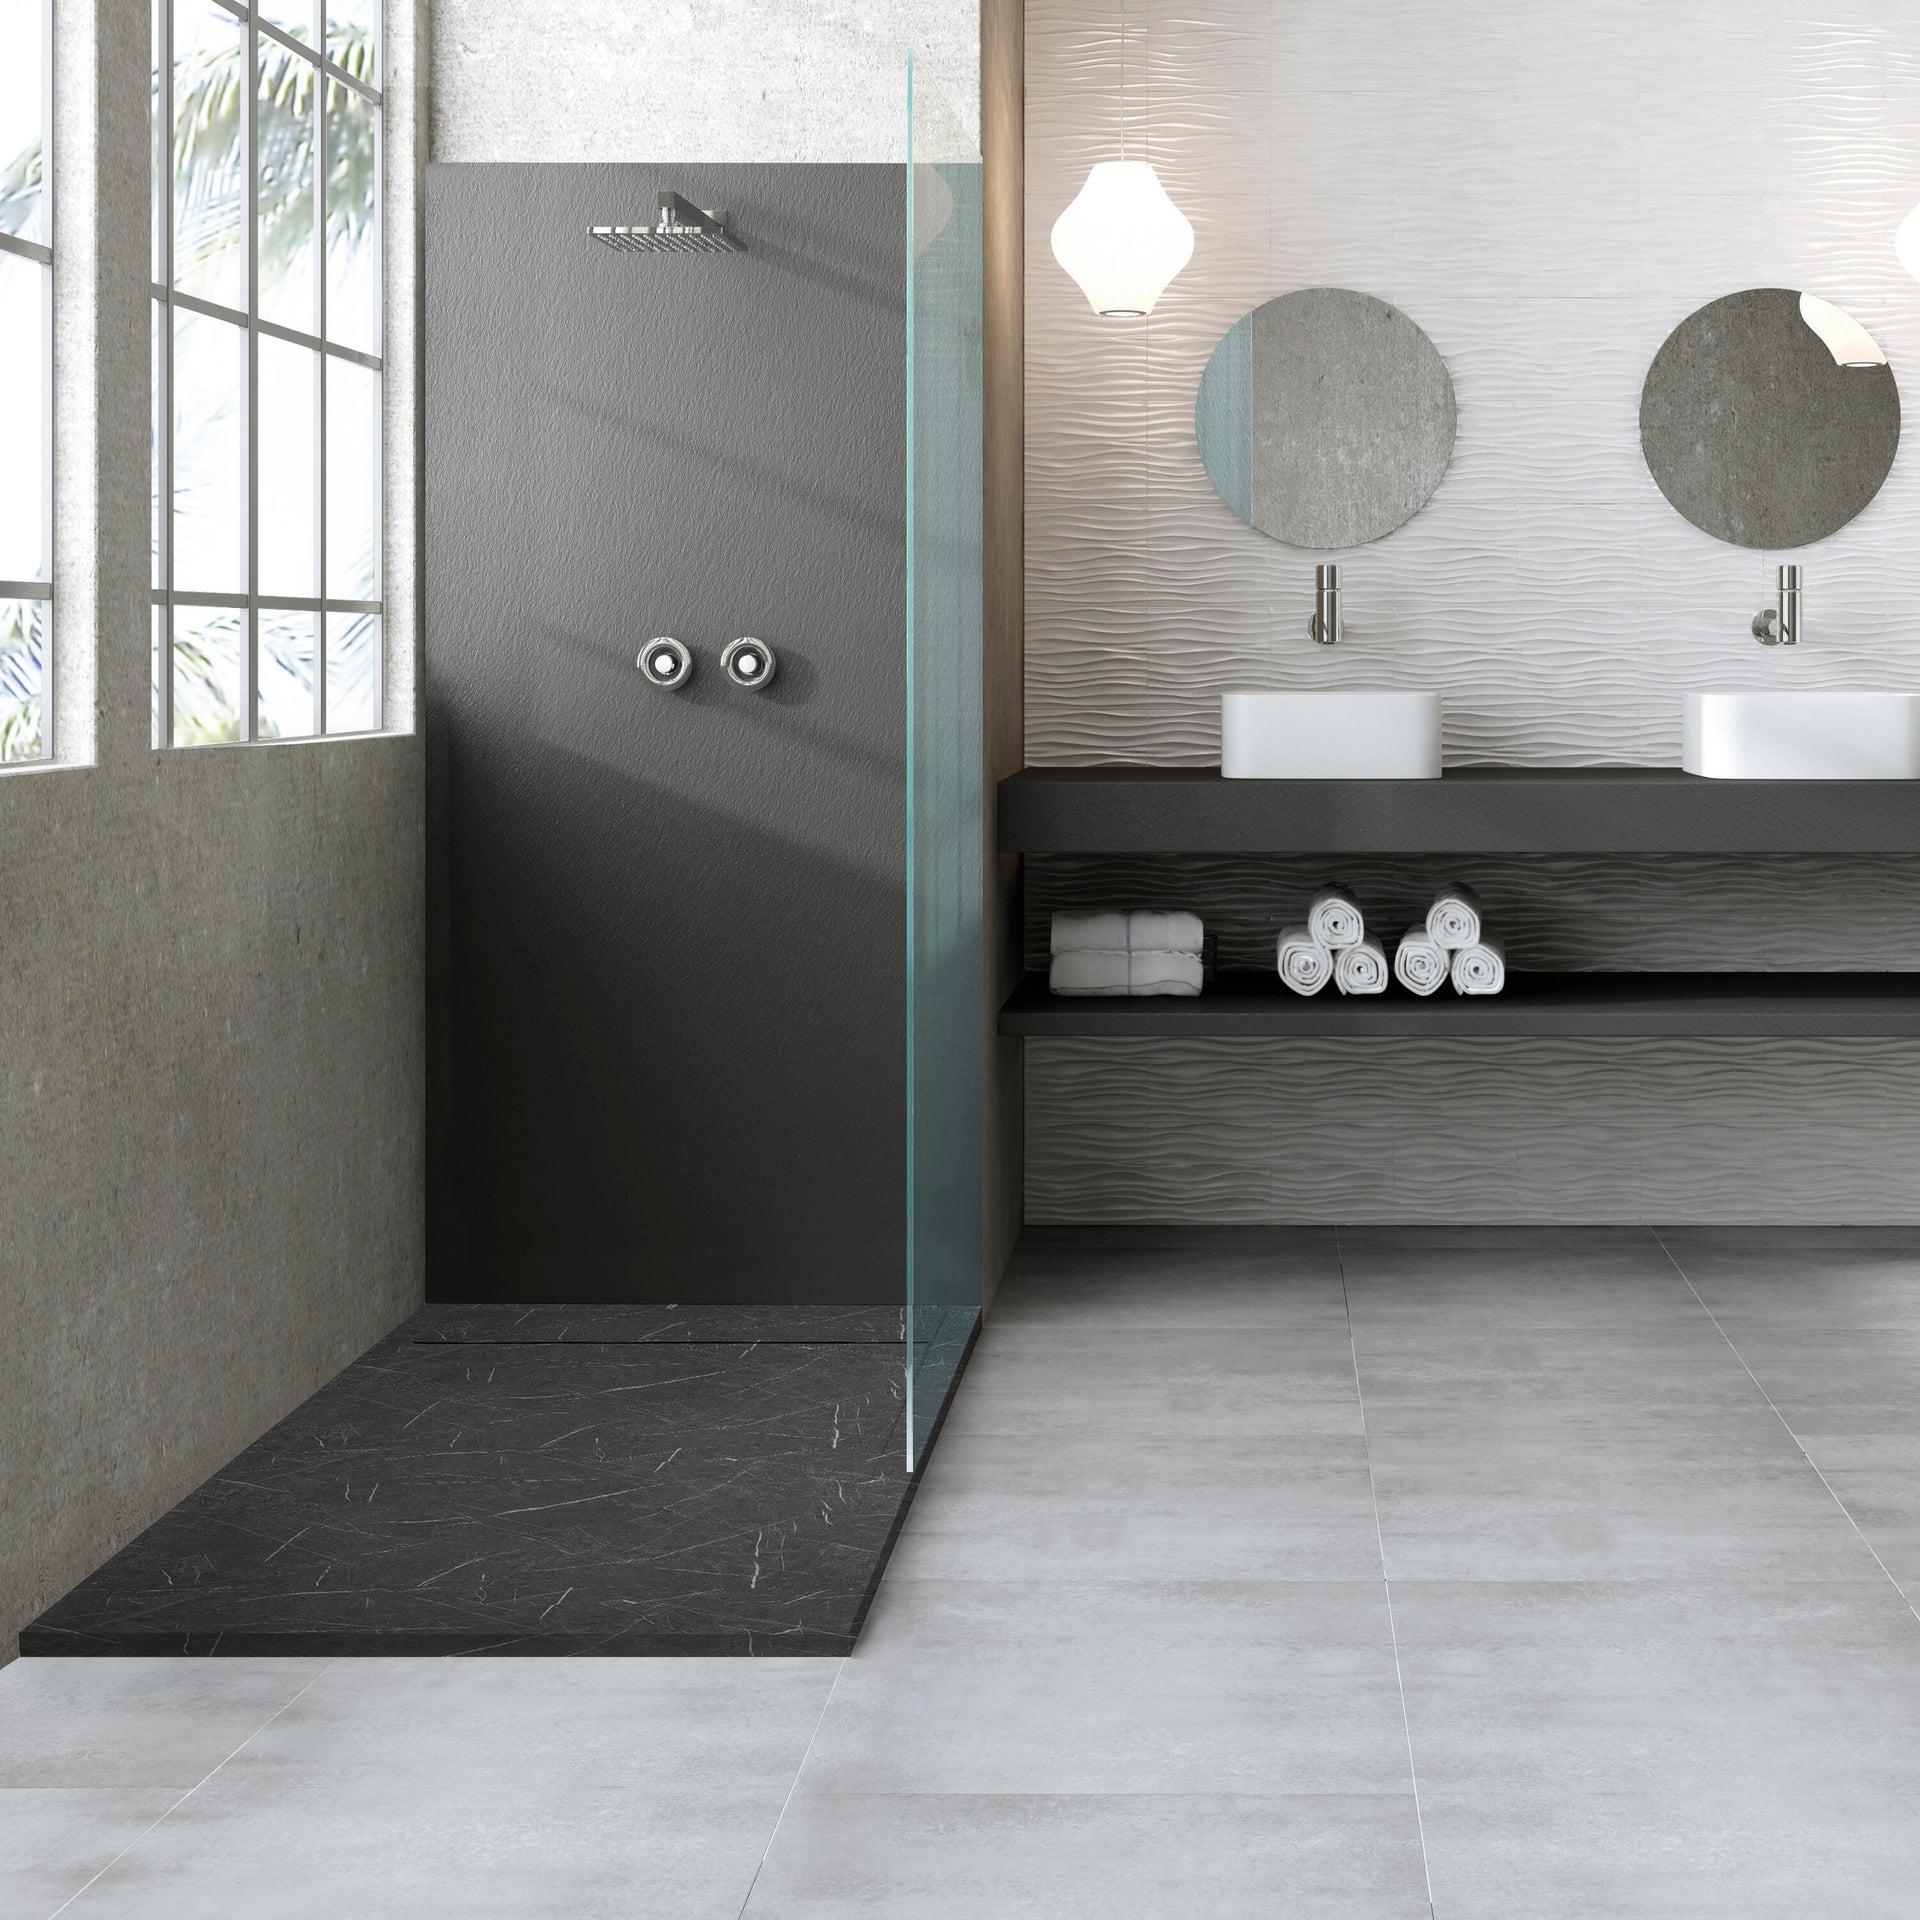 Piatto doccia gelcoat Neo marmo 70 x 80 cm nero